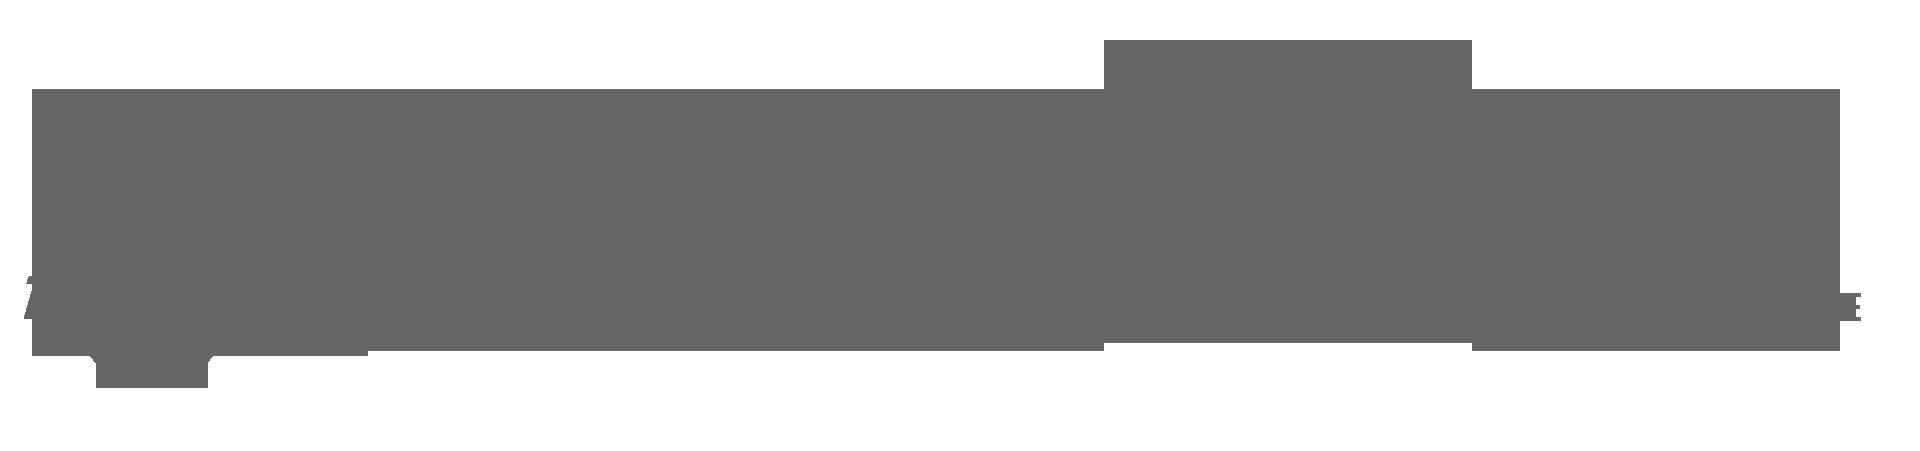 Logotipos_colaboradores